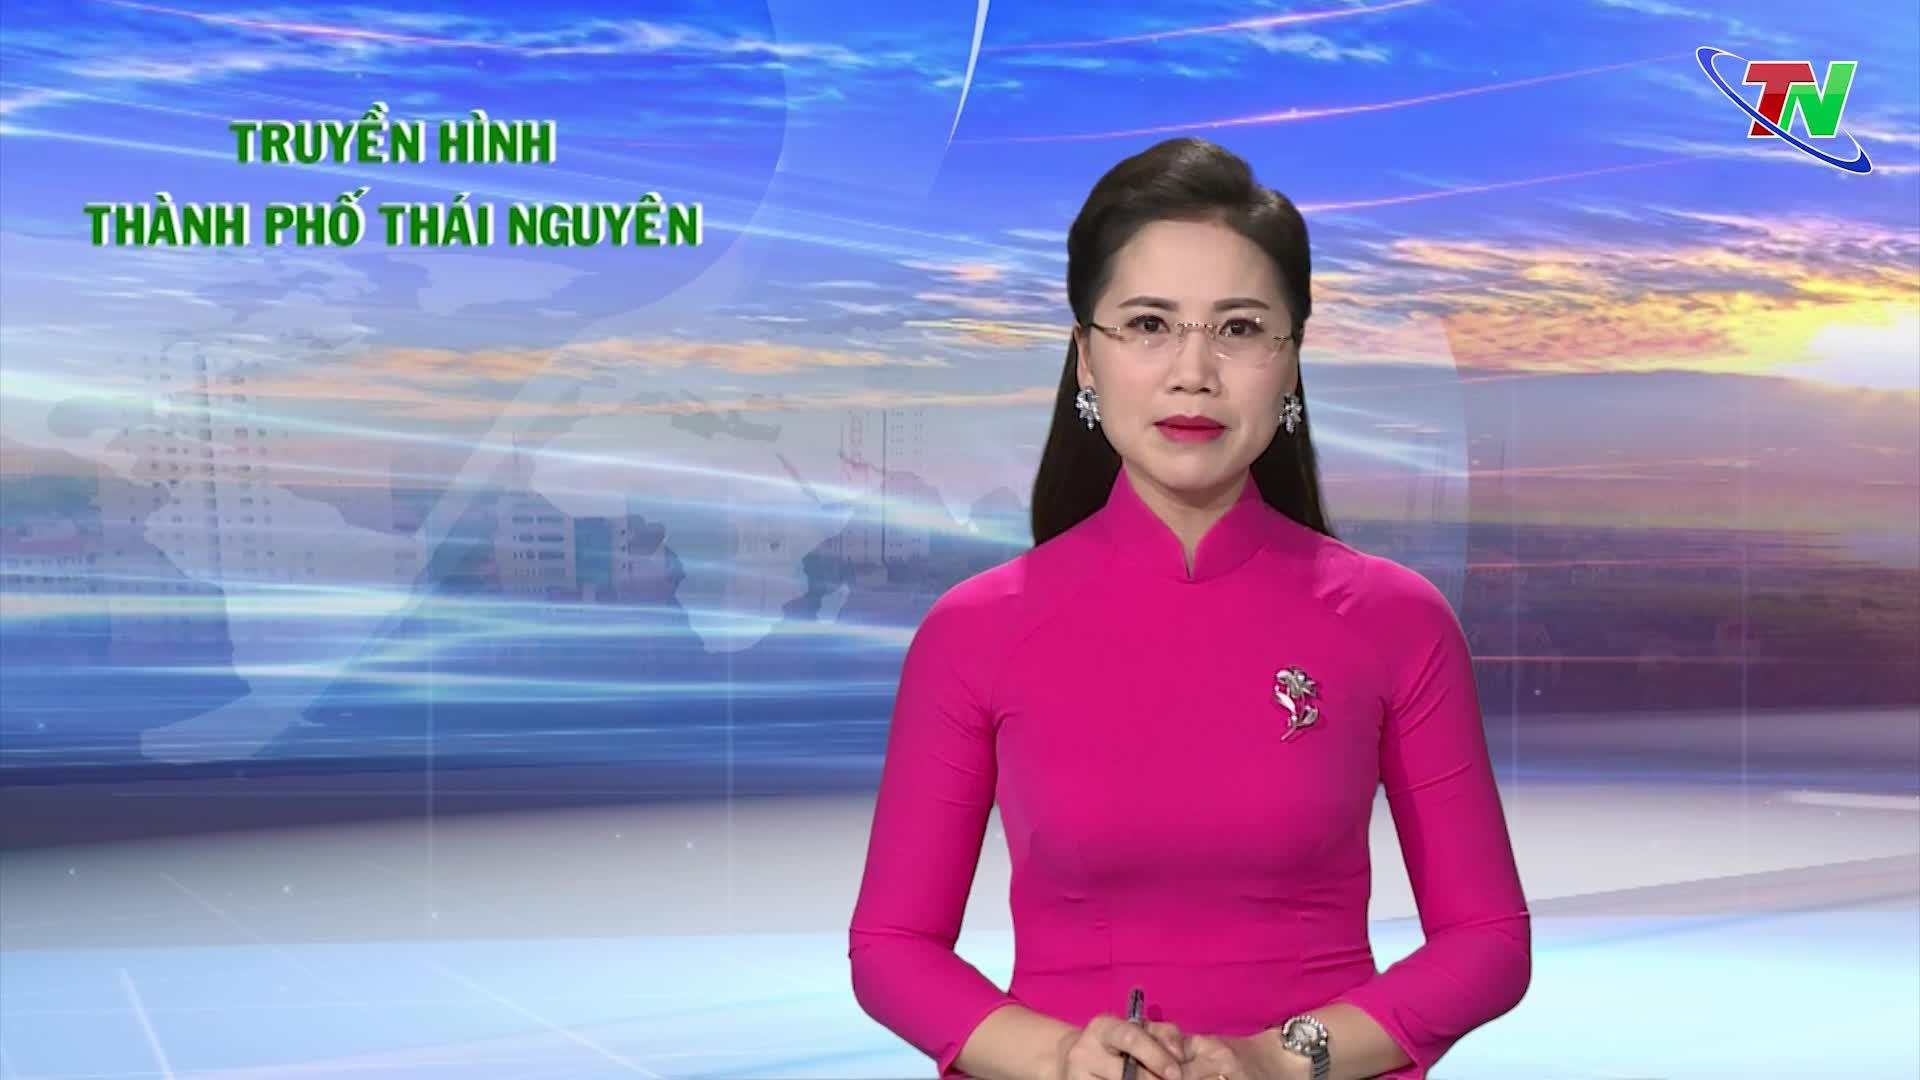 Chương trình truyền hình thành phố Thái Nguyên ngày 25/4/2020